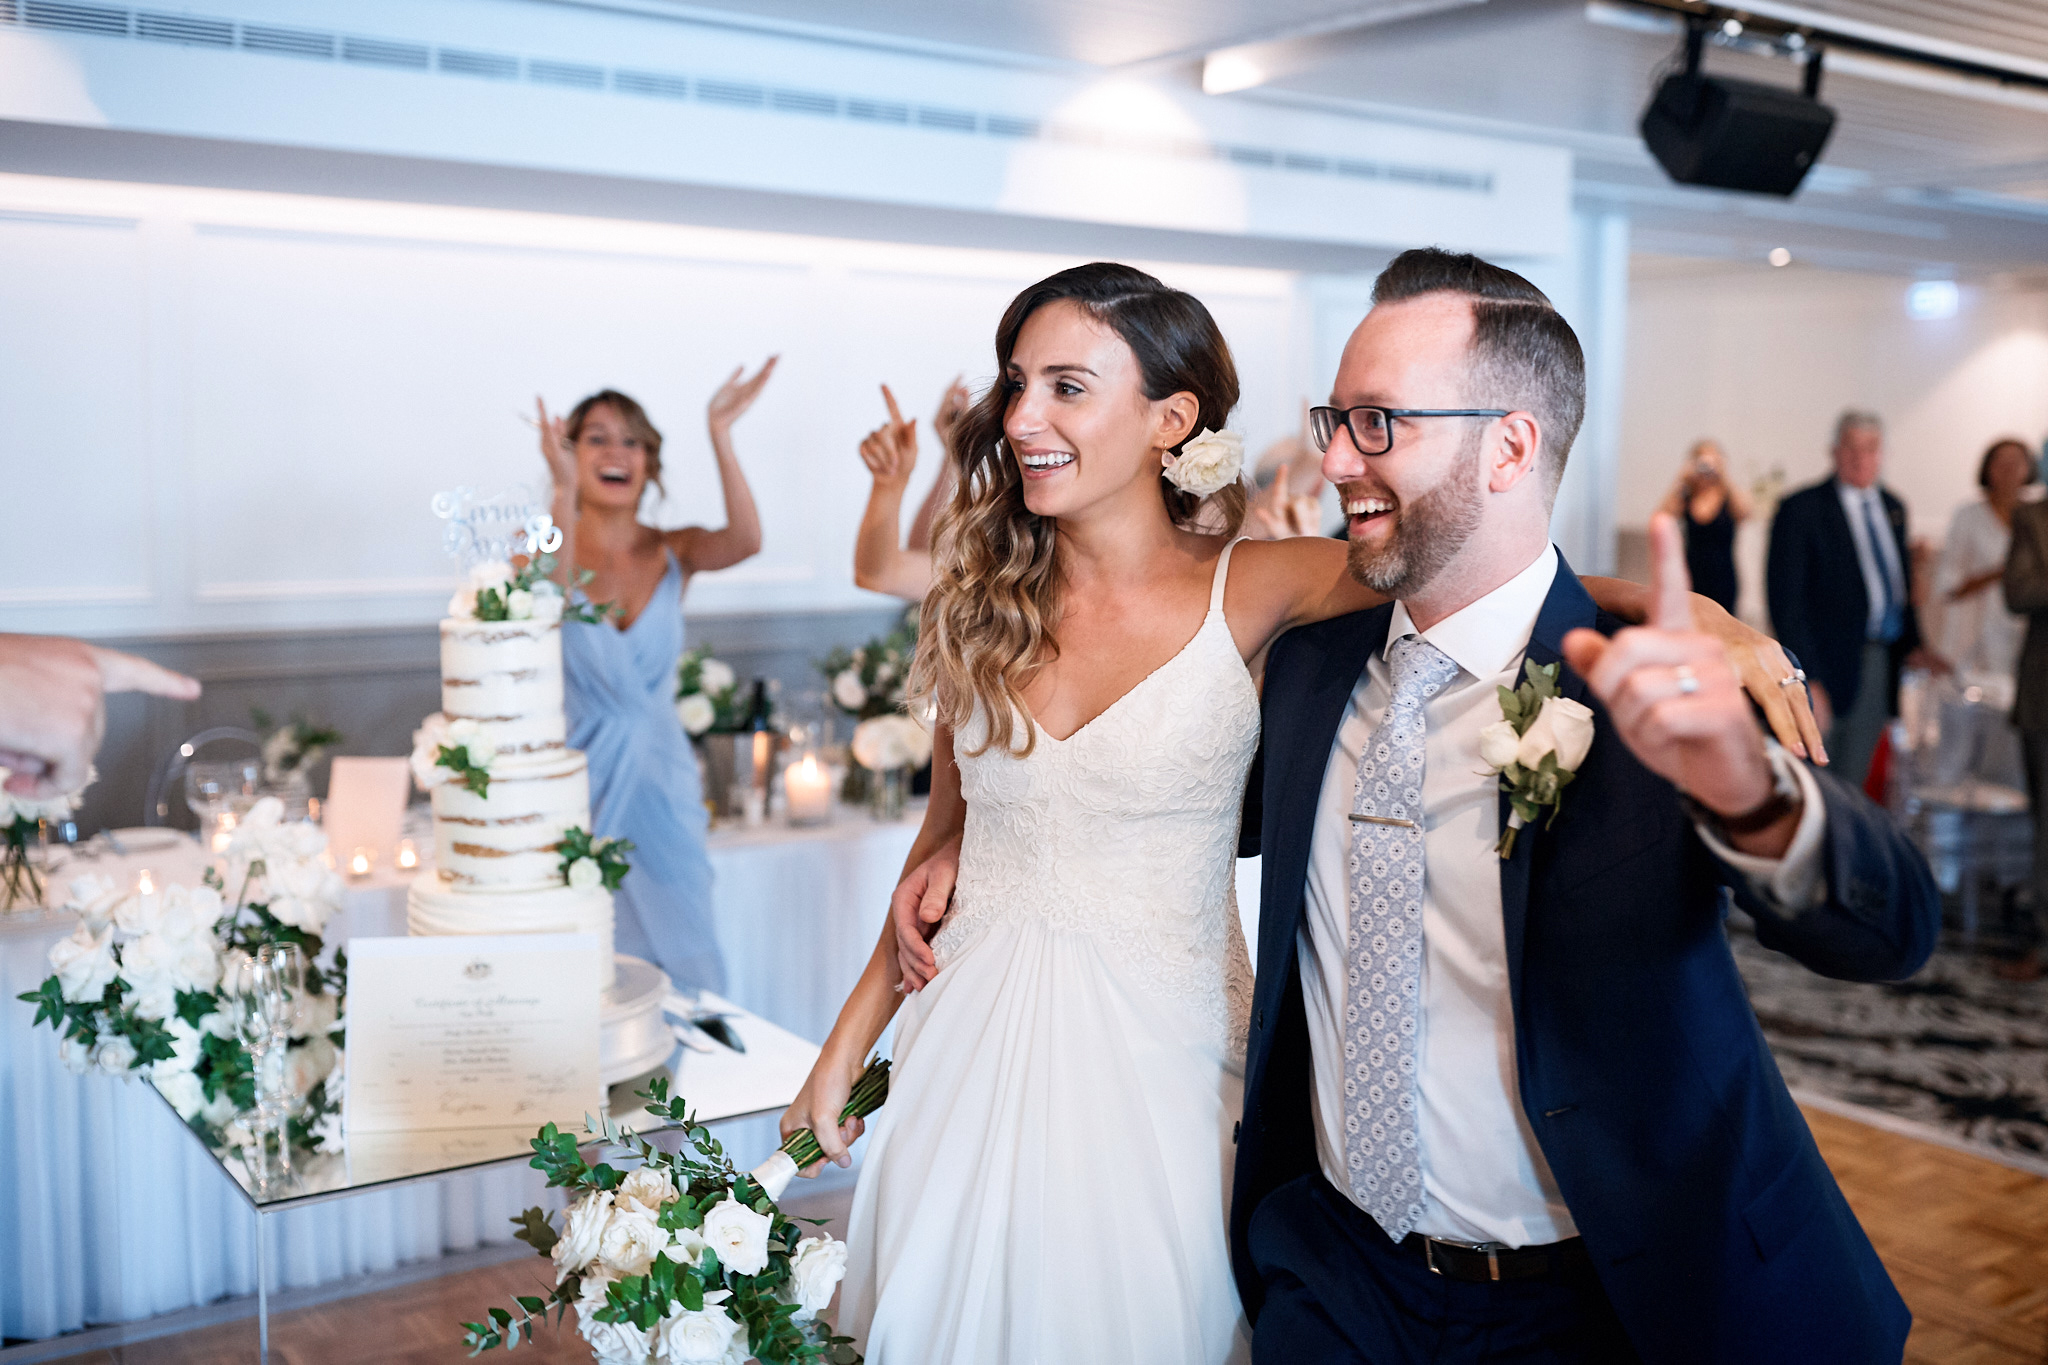 bride and groom reception entrance.jpg